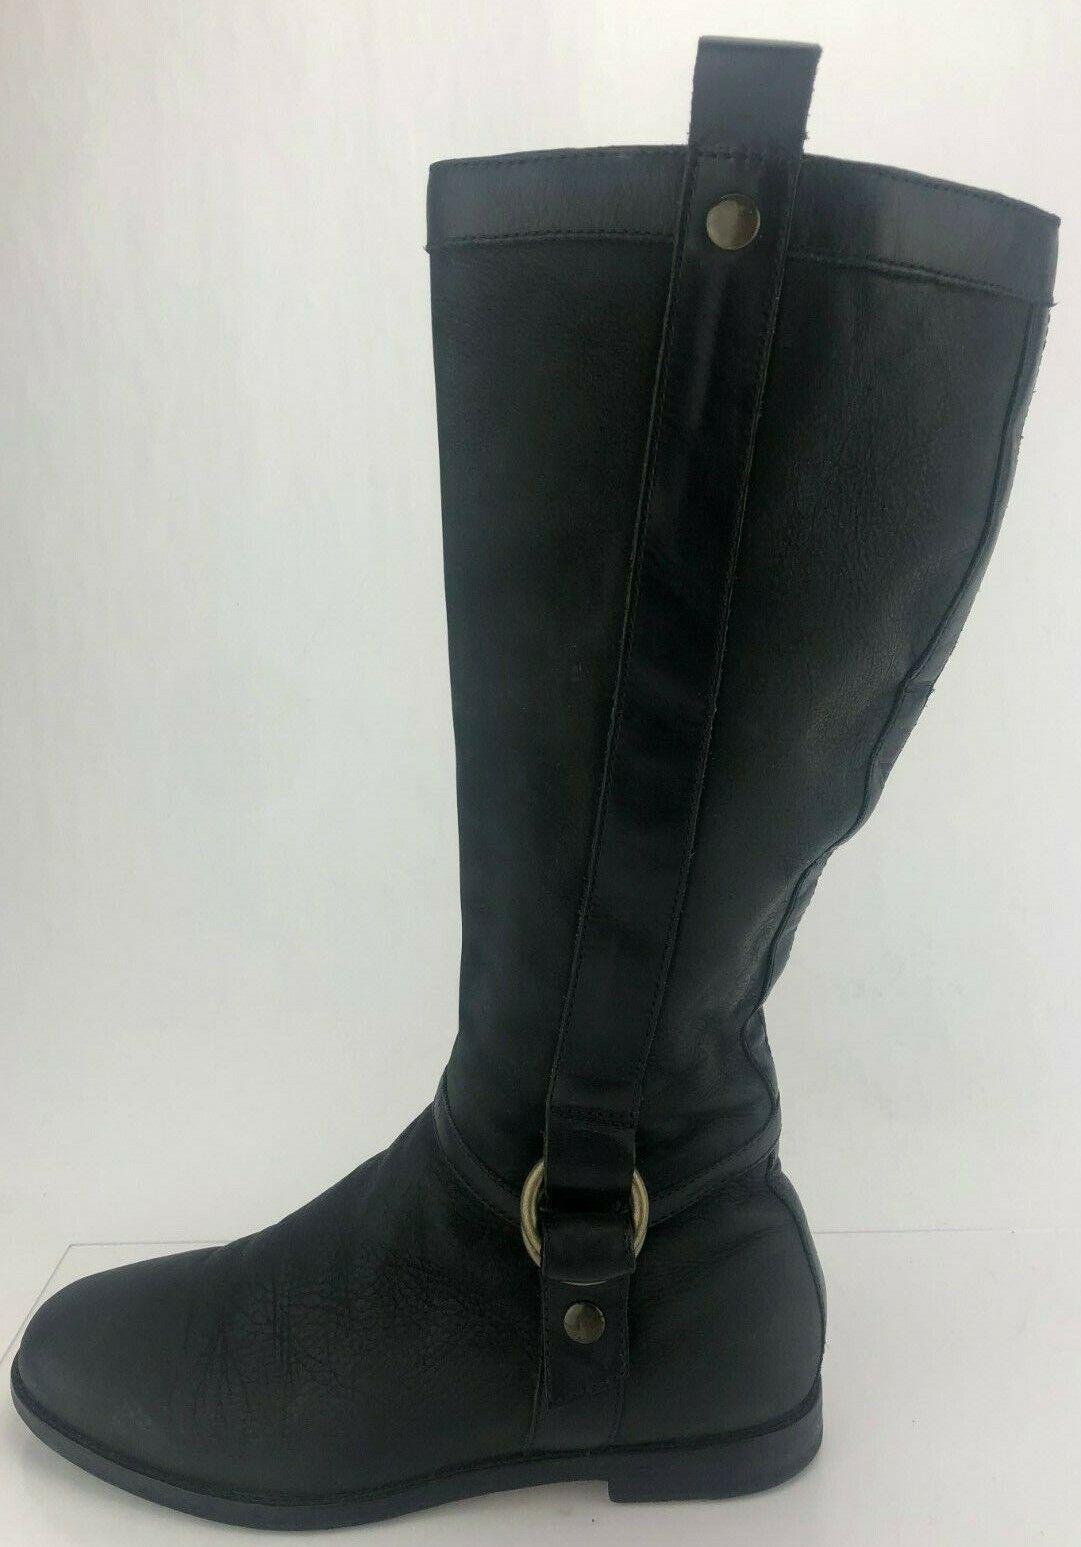 Cole Haan Équitation Bottes Fermeture Éclair Noir Confort hautes en cuir chaussures pour femme US 8 B